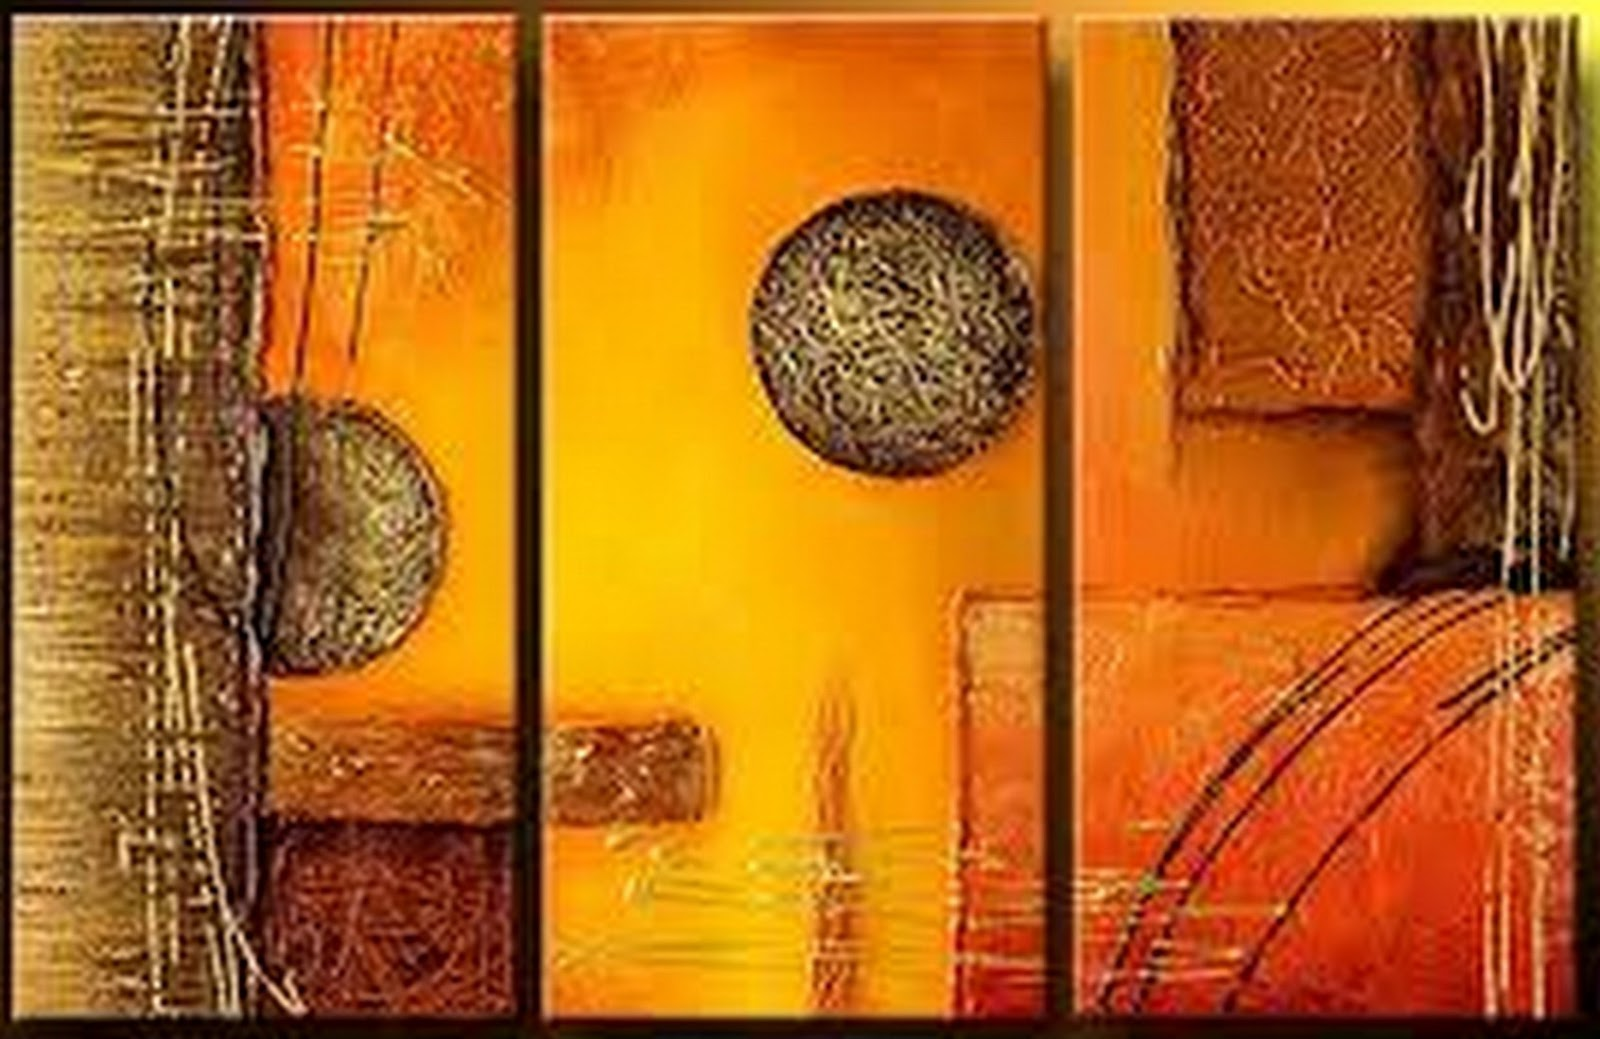 Cuadros pinturas oleos tr pticos de pintura - Cuadros de pintura ...